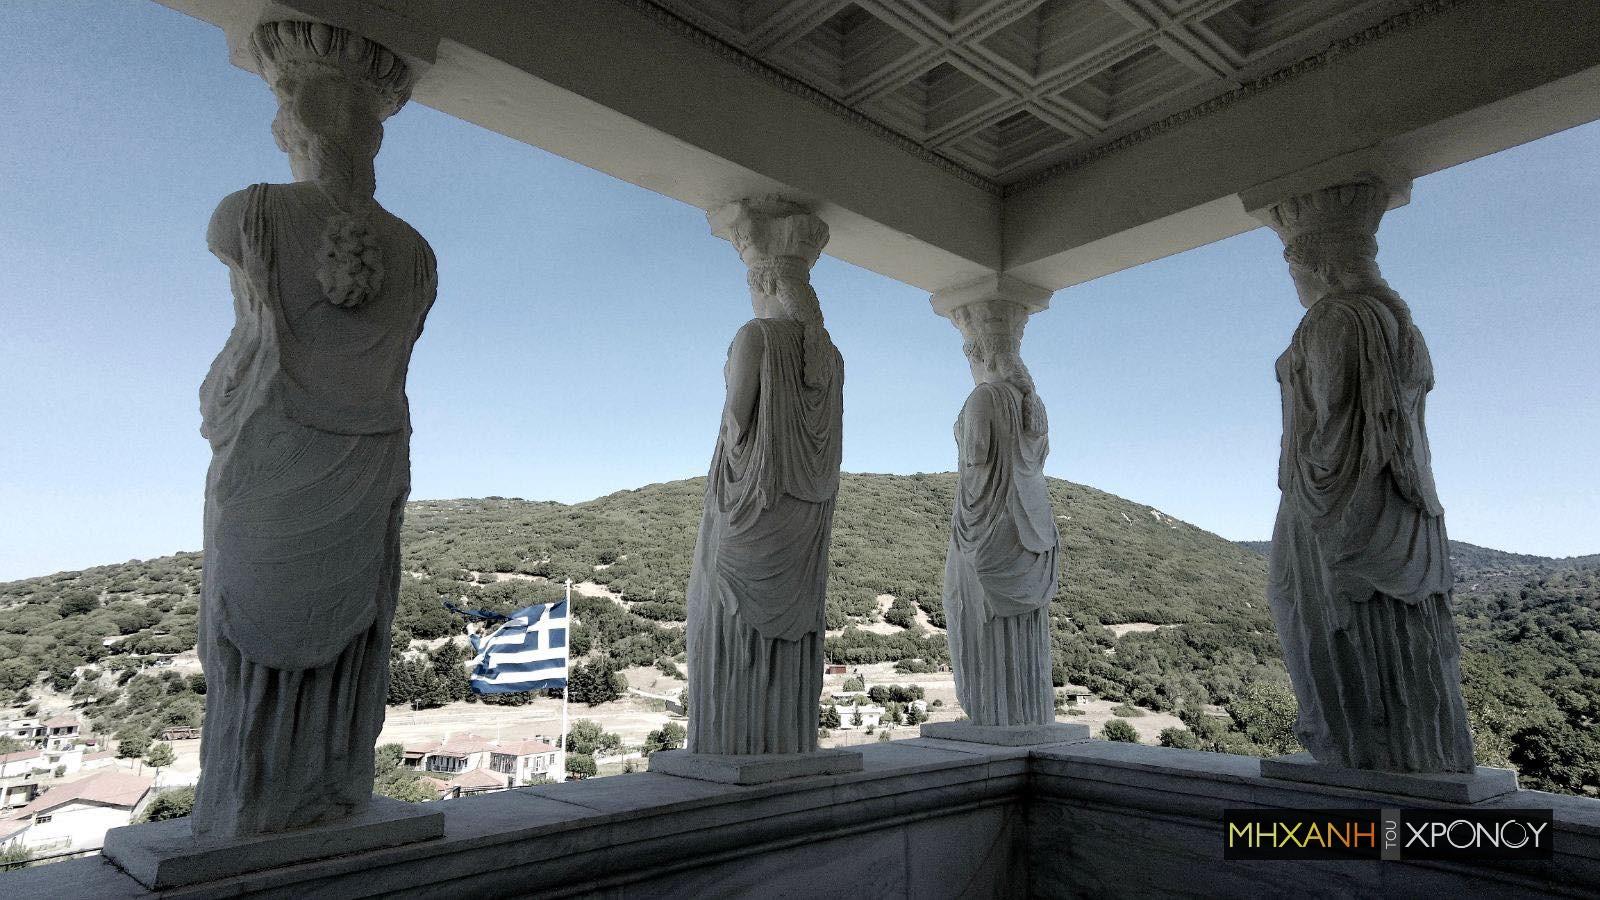 Οι Καρυάτιδες δεν ήταν από την Αθήνα, αλλά από την Λακωνία. Η μαρτυρική ιστορία των Καρυών που έκαψαν δυο φορές οι Γερμανοί (drone)